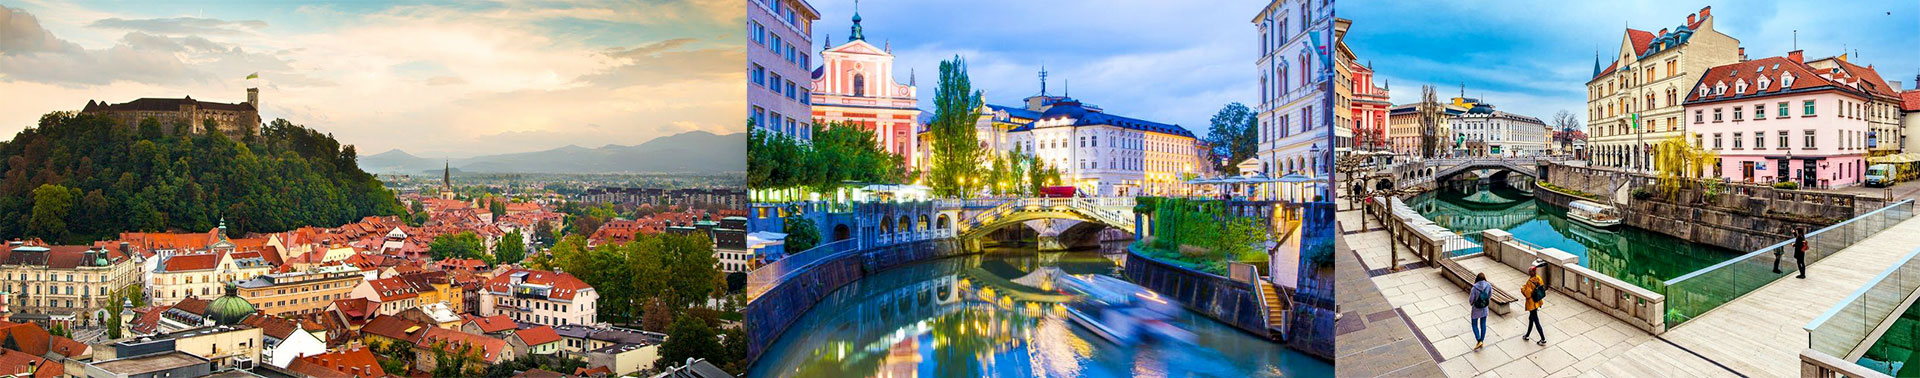 Ljubljana-banner-select-venue-séminaire à l'étranger